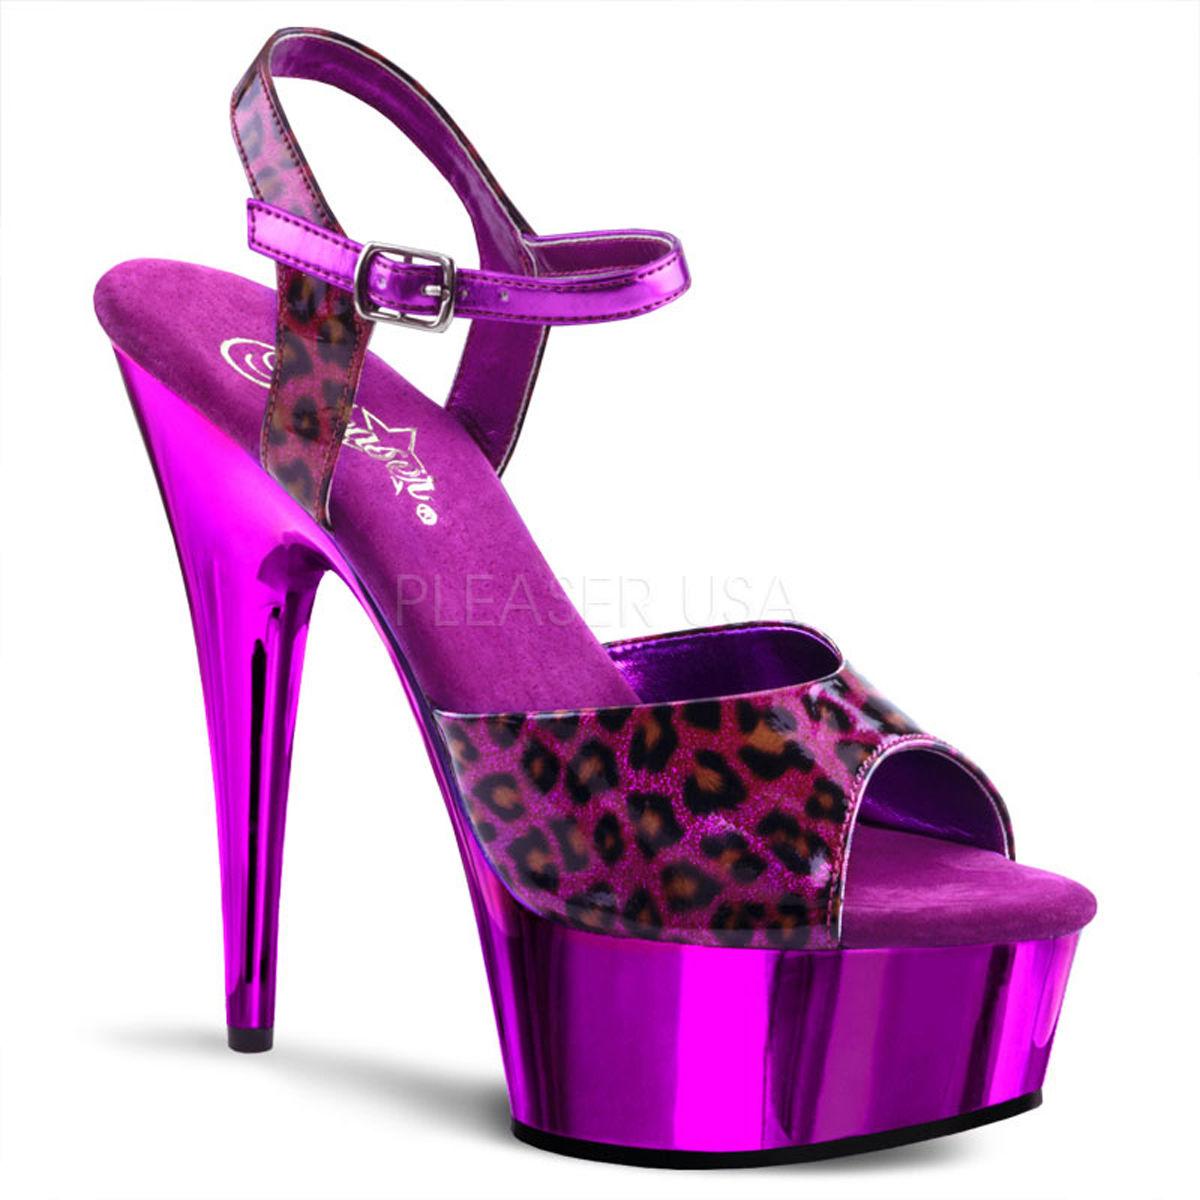 【お取り寄せ】【Pleaser】DELIGHT-609CP Purple Pearlized Cheetah/Purple Chrome珍しいチーター柄!プリーザ 厚底 ヒール サンダル キャバ